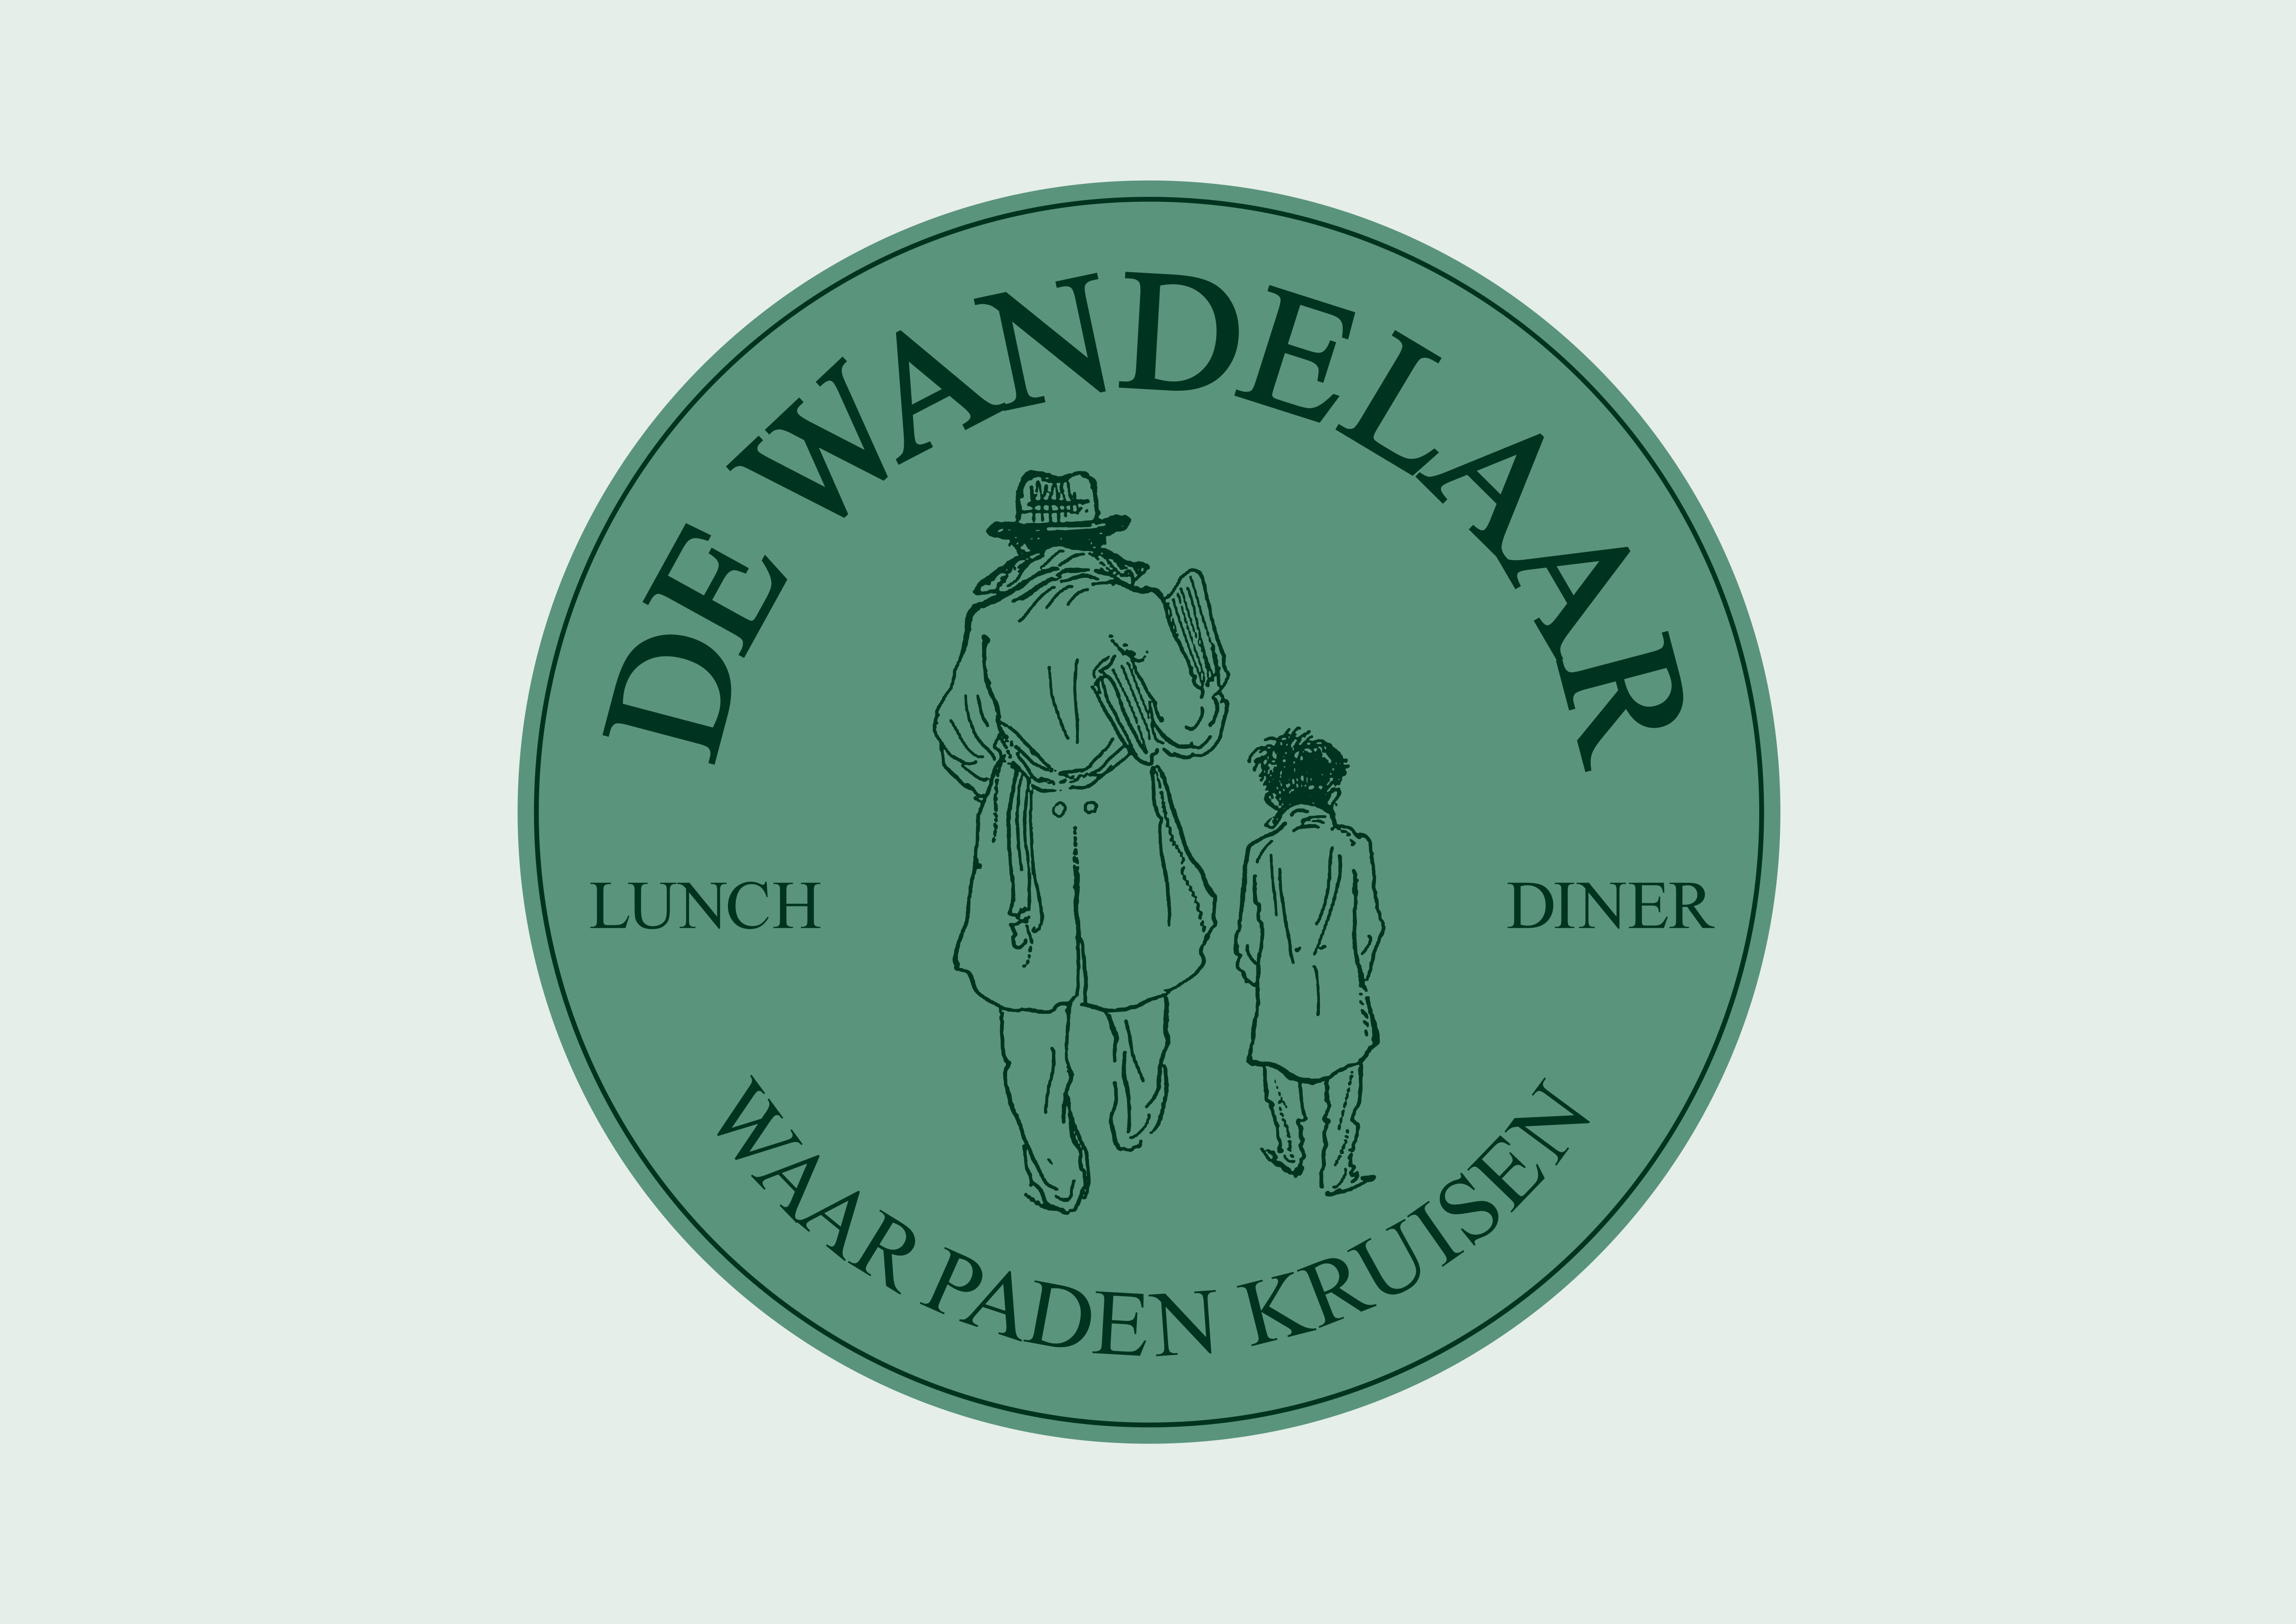 Restaurant de Wandelaar